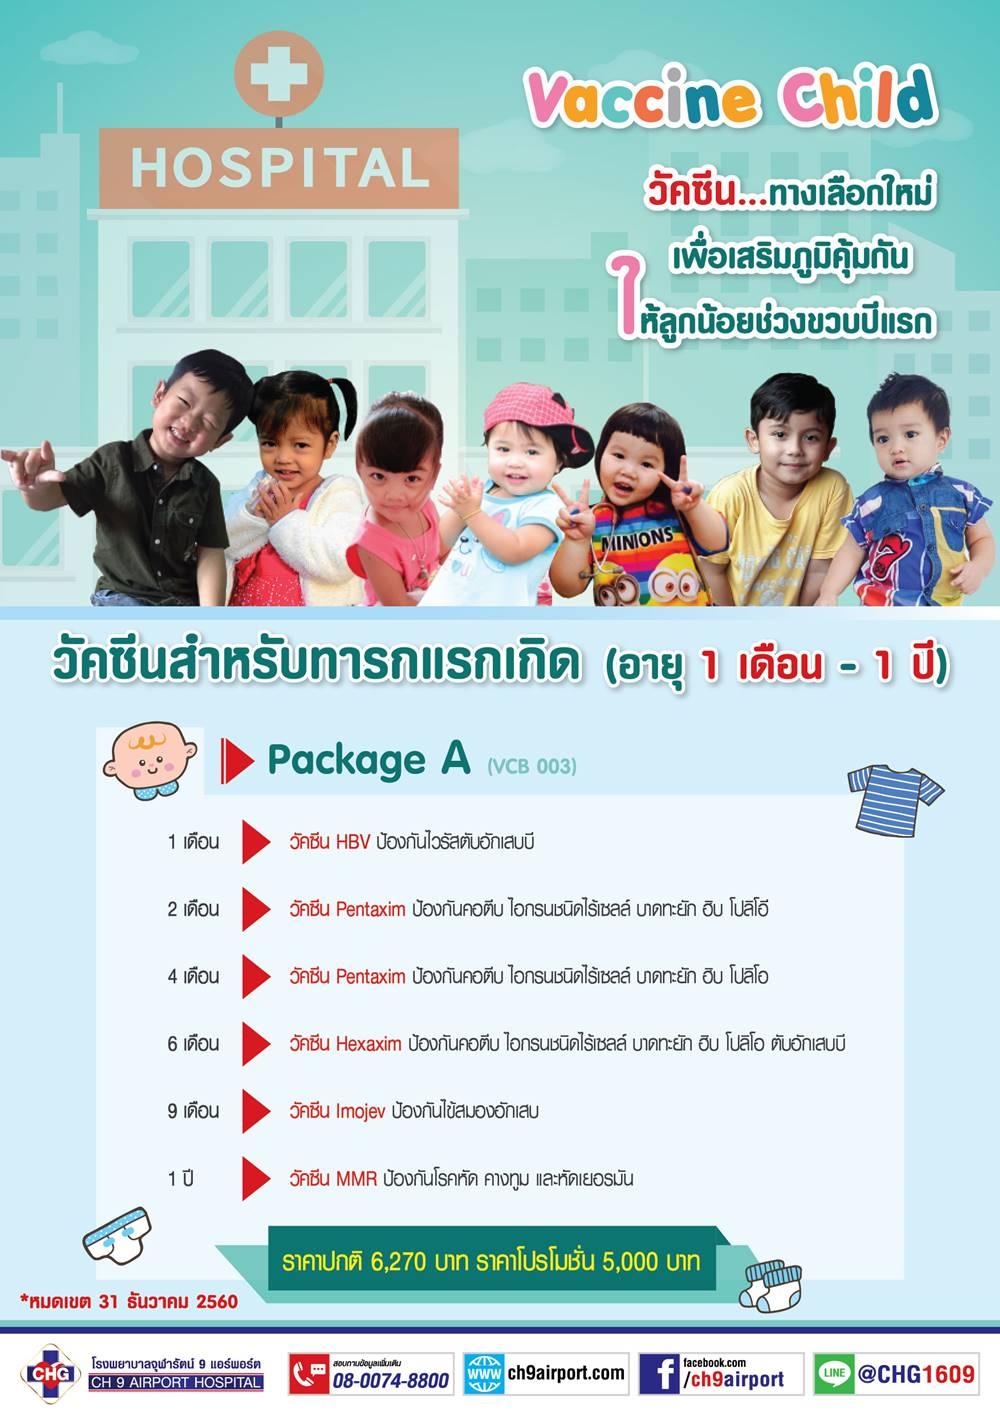 6008-VaccineKid-01